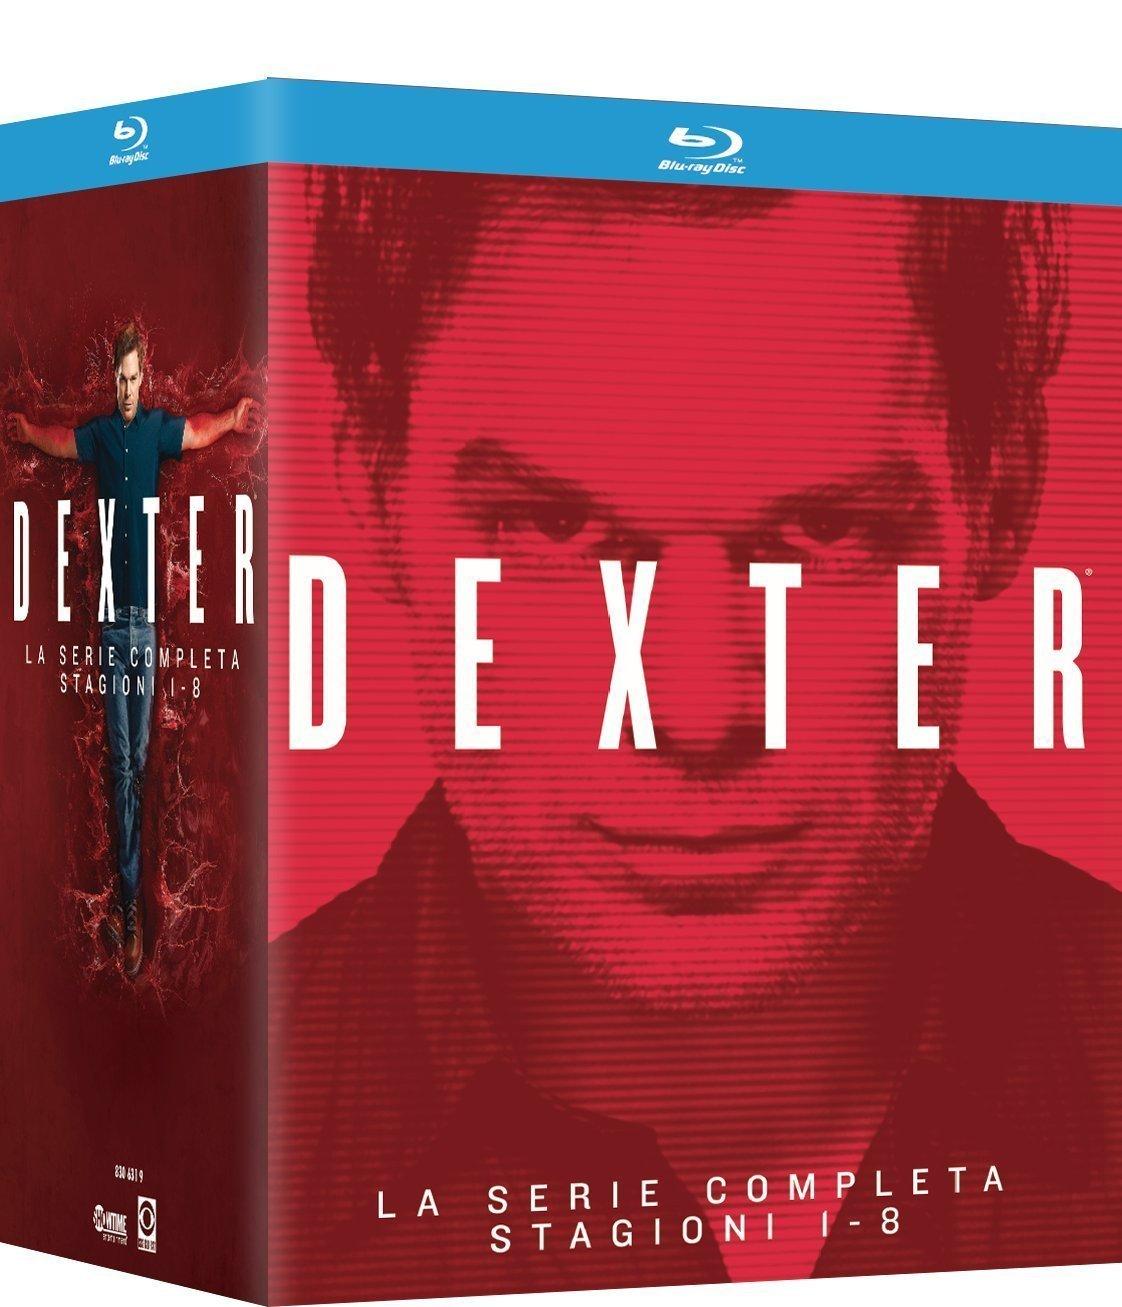 Dexter – Die komplette Serie (32 Blurays) (dt. Tonspur) für 53,24€ [Amazon.it]